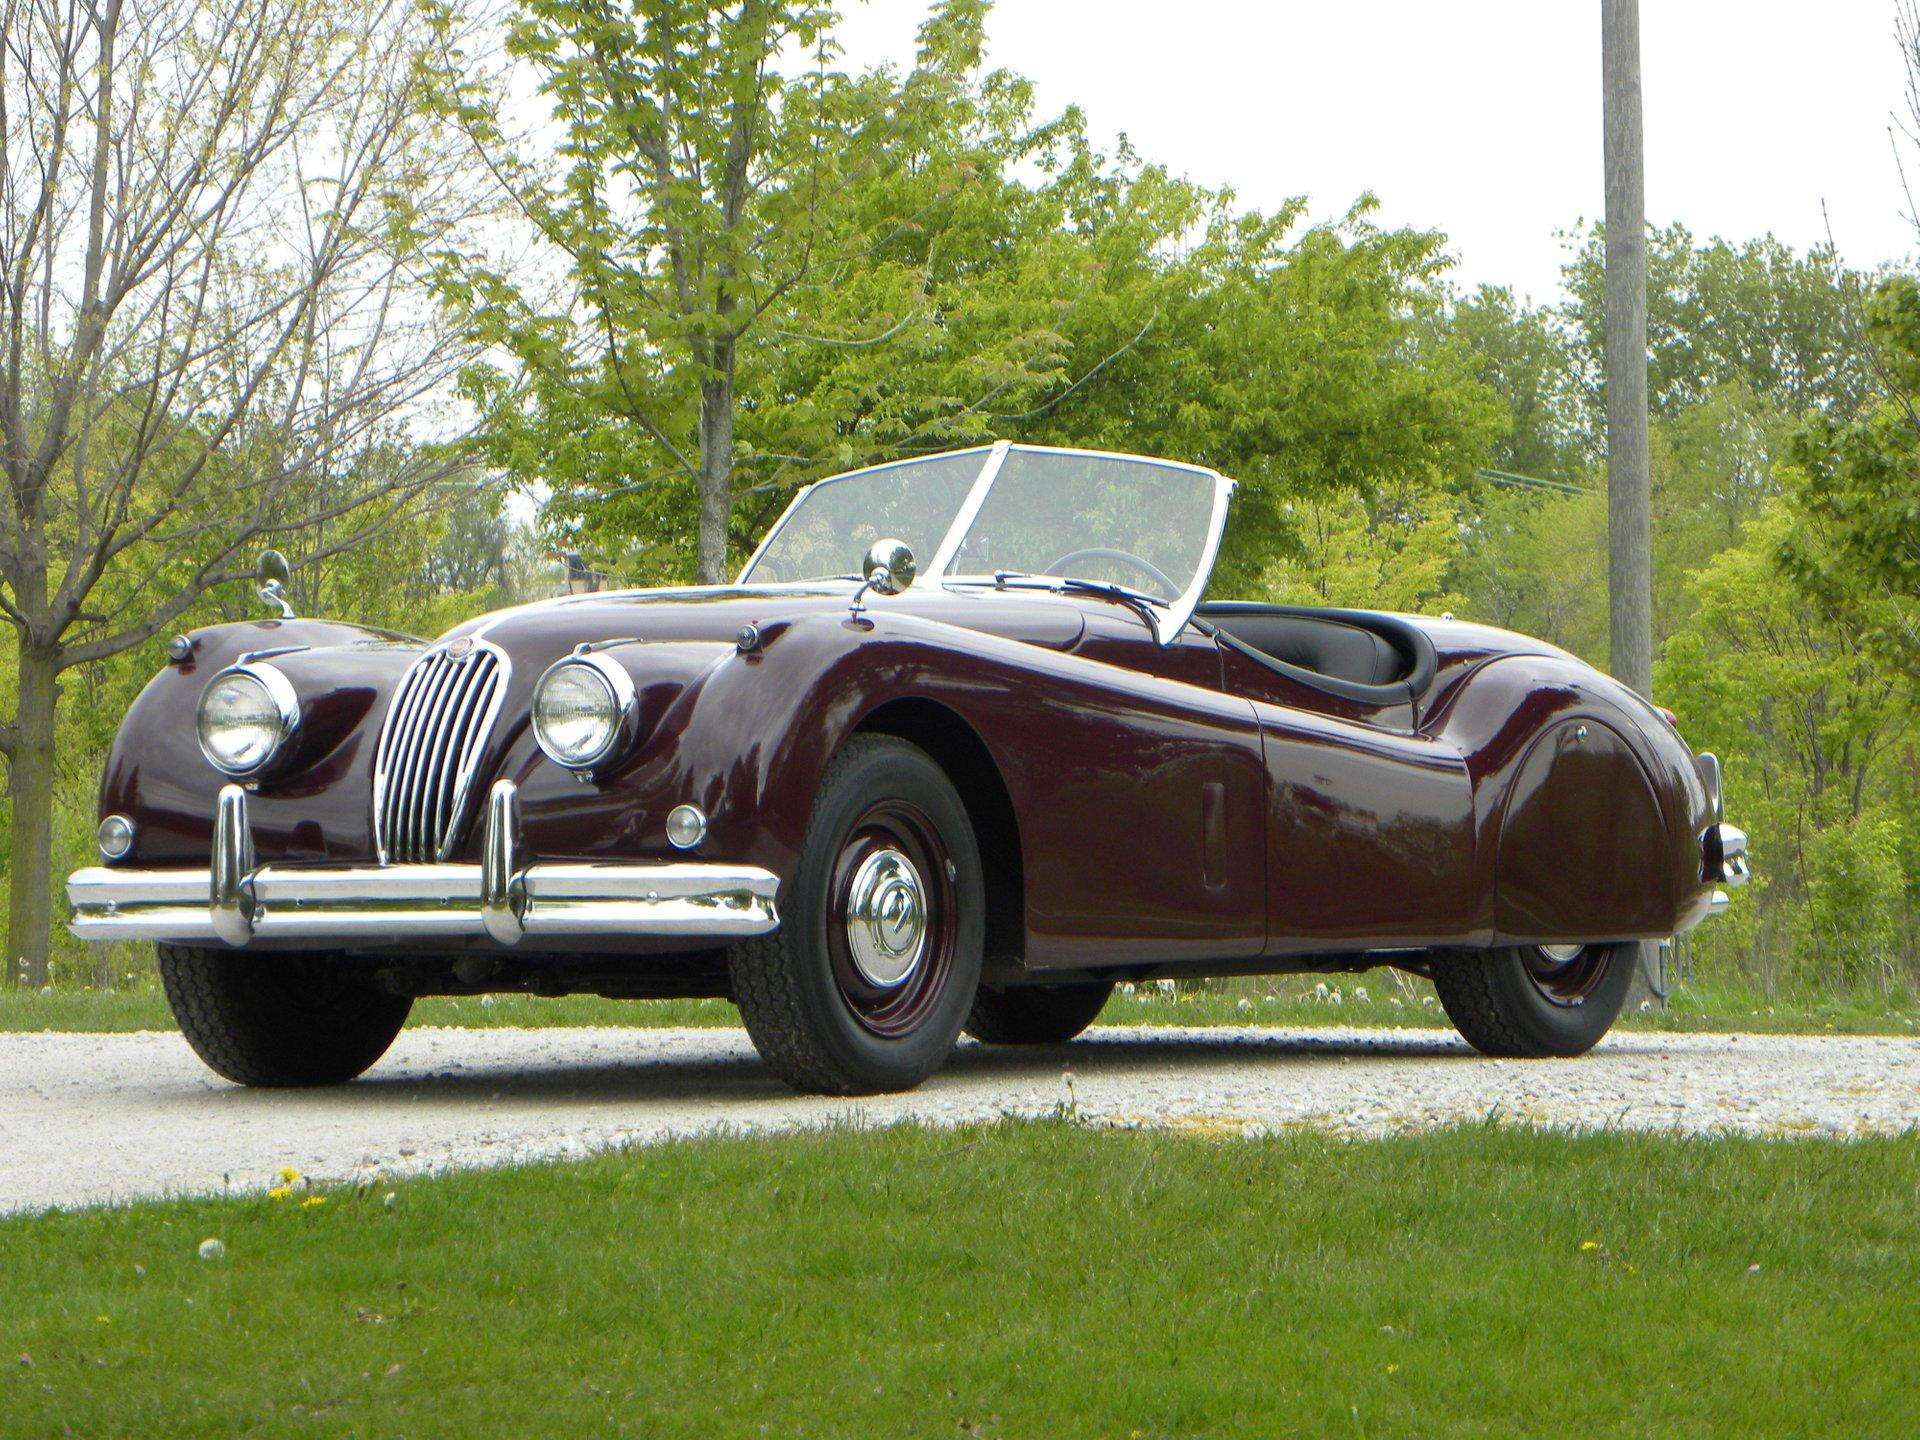 1955 jaguar xk 140 sport roadster